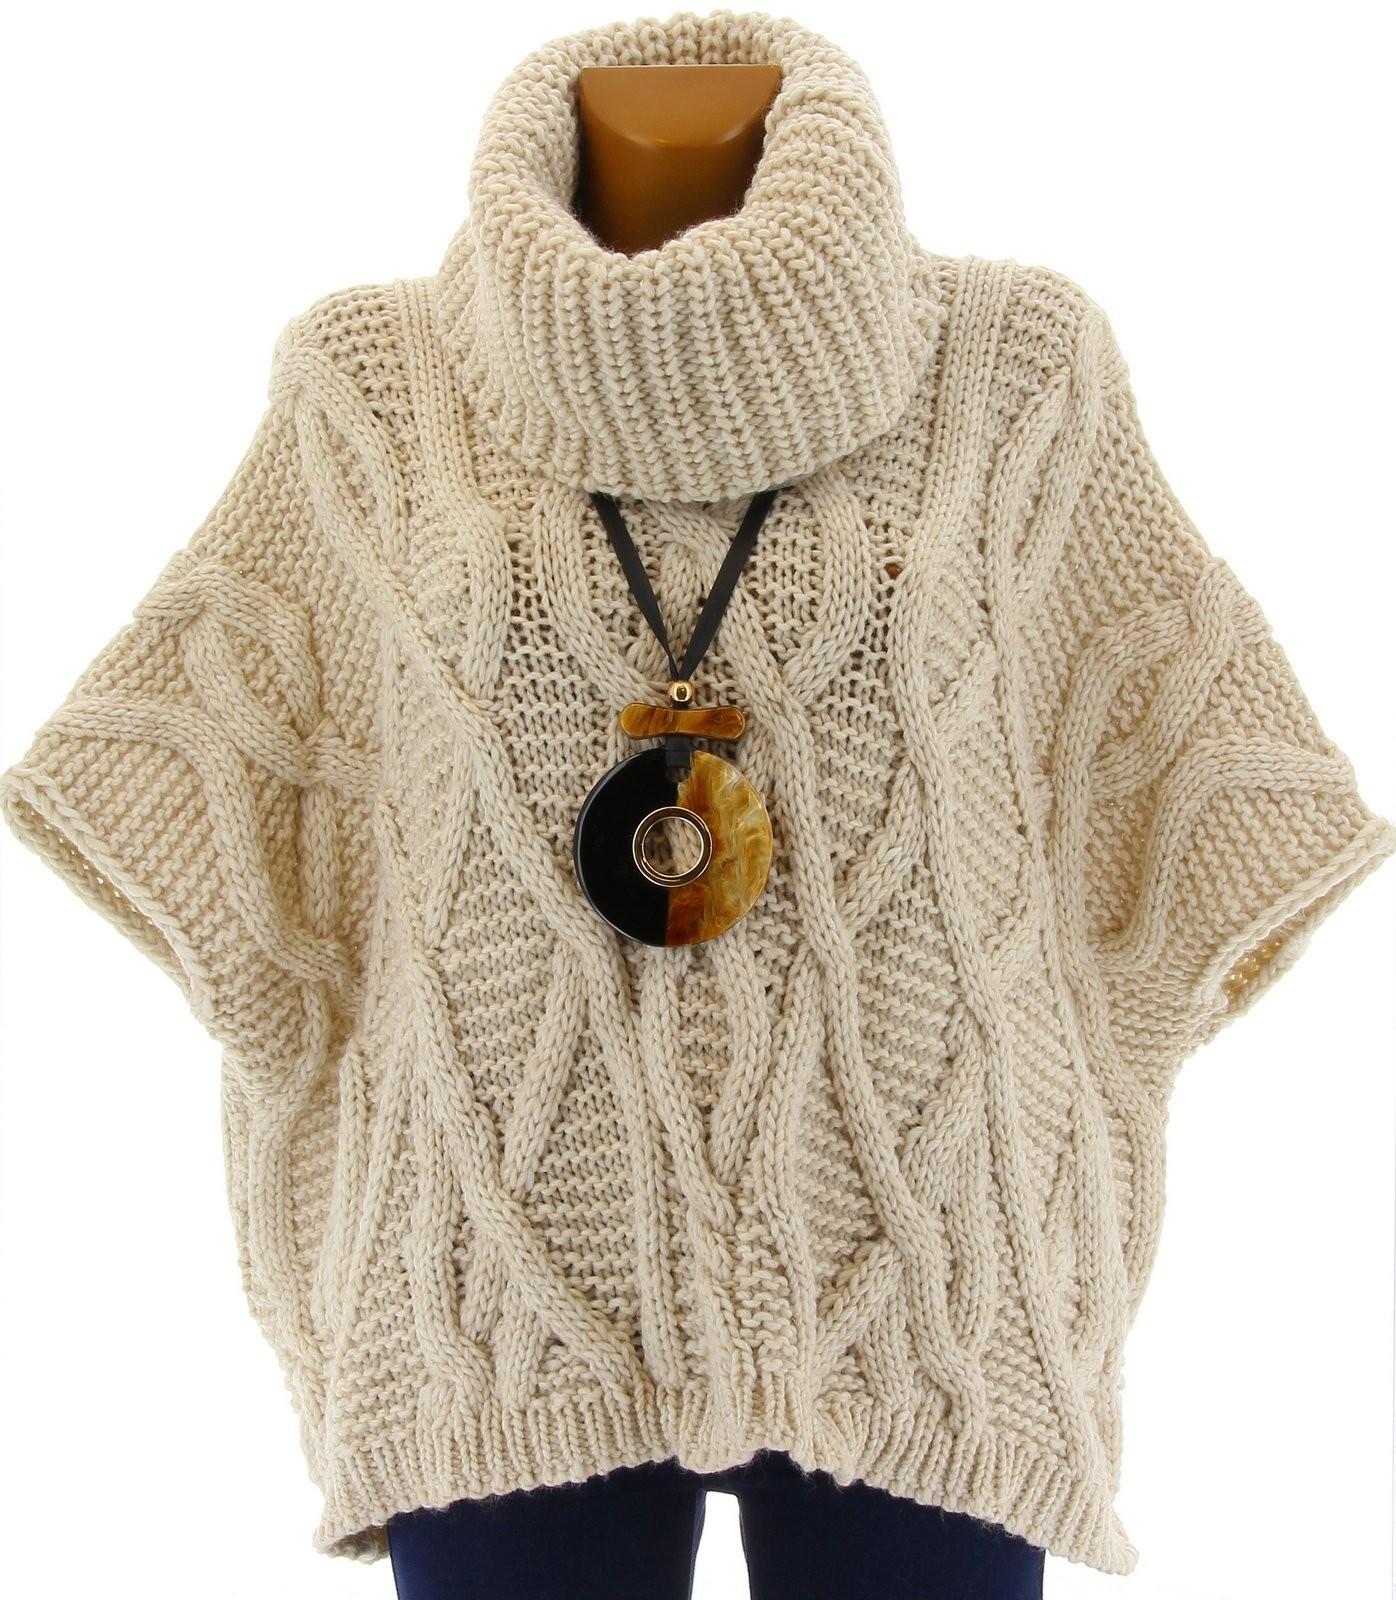 emballage fort gamme complète de spécifications comment avoir Gros pull en laine vetement de laine | Arts4a